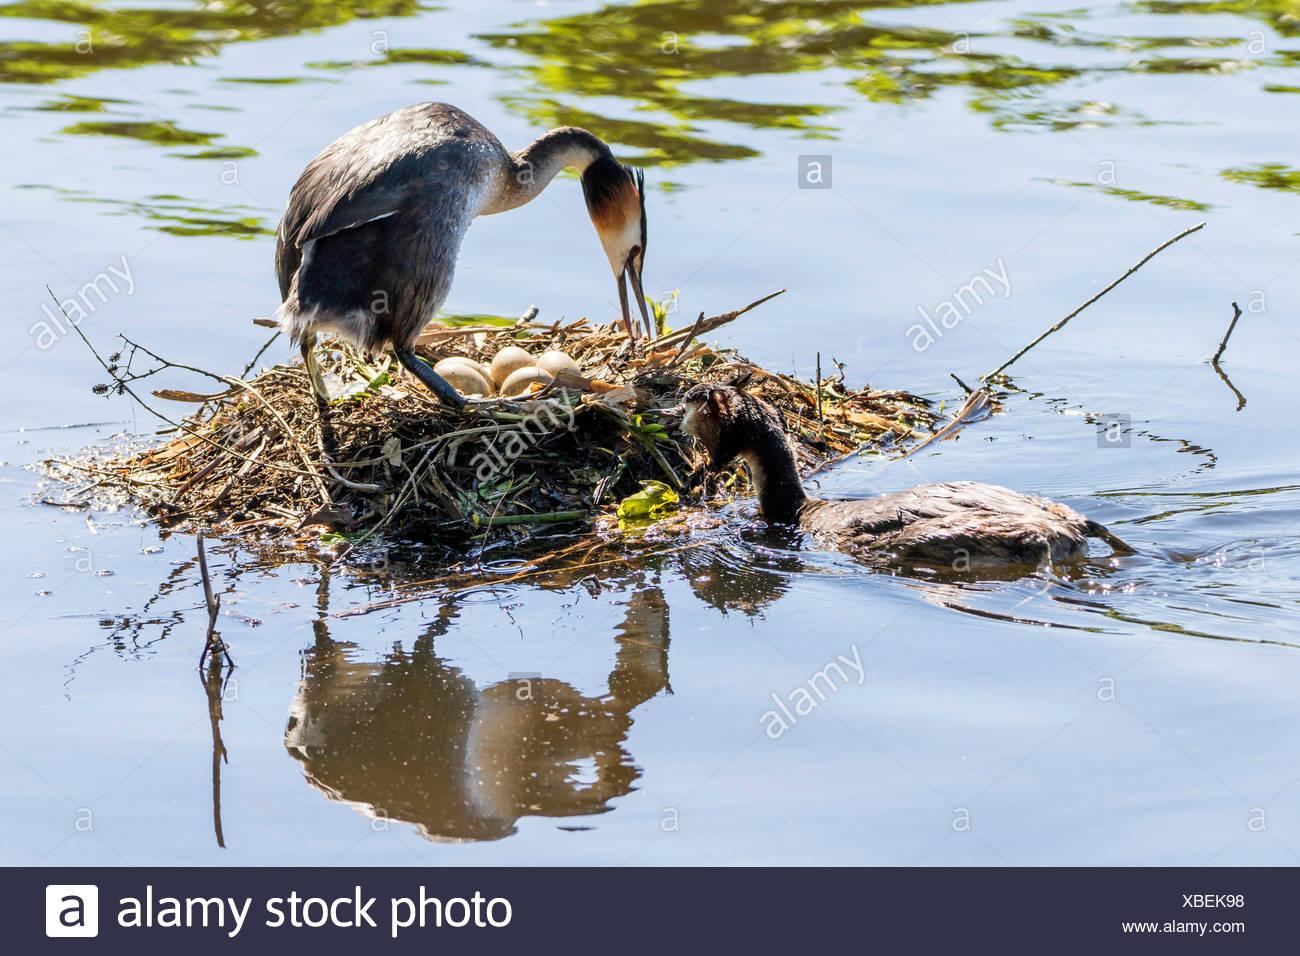 Haubentaucher, Hauben-Taucher (Podiceps cristatus), am Nest mit Eiern, Deutschland   great crested grebe (Podiceps cristatus), a - Stock Image